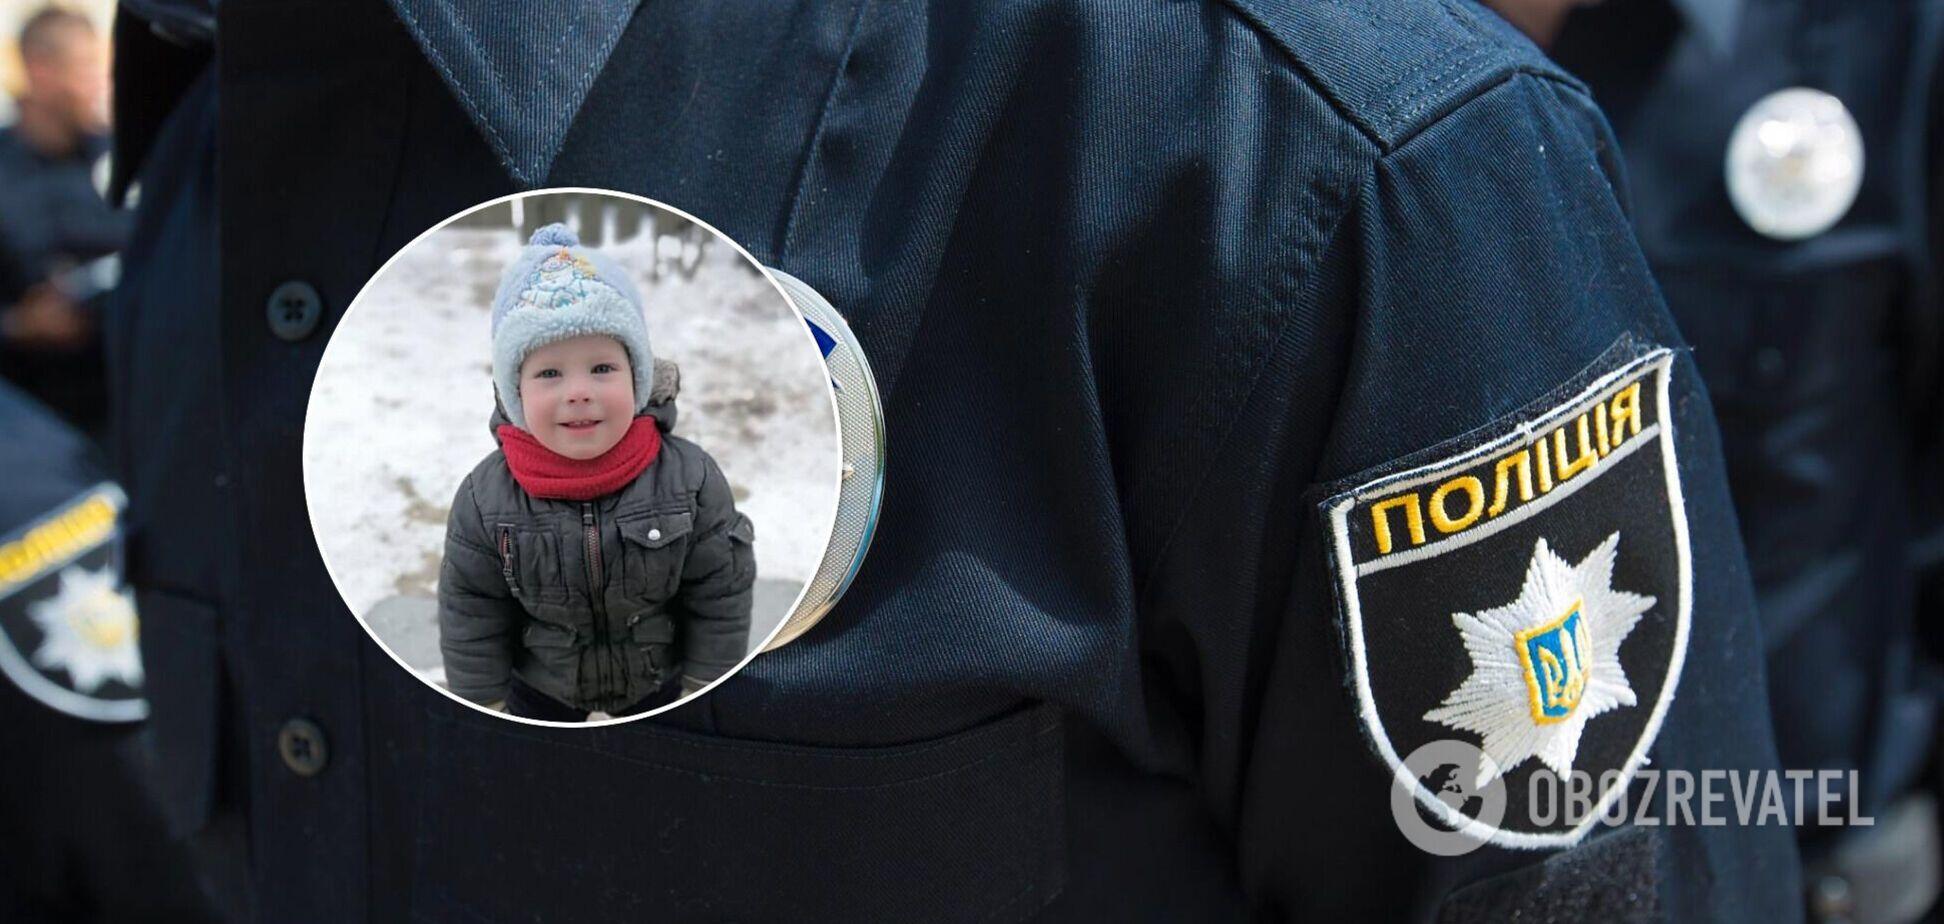 На Київщині зникла дворічна дитина: поліція просила допомогти з пошуками. Фото